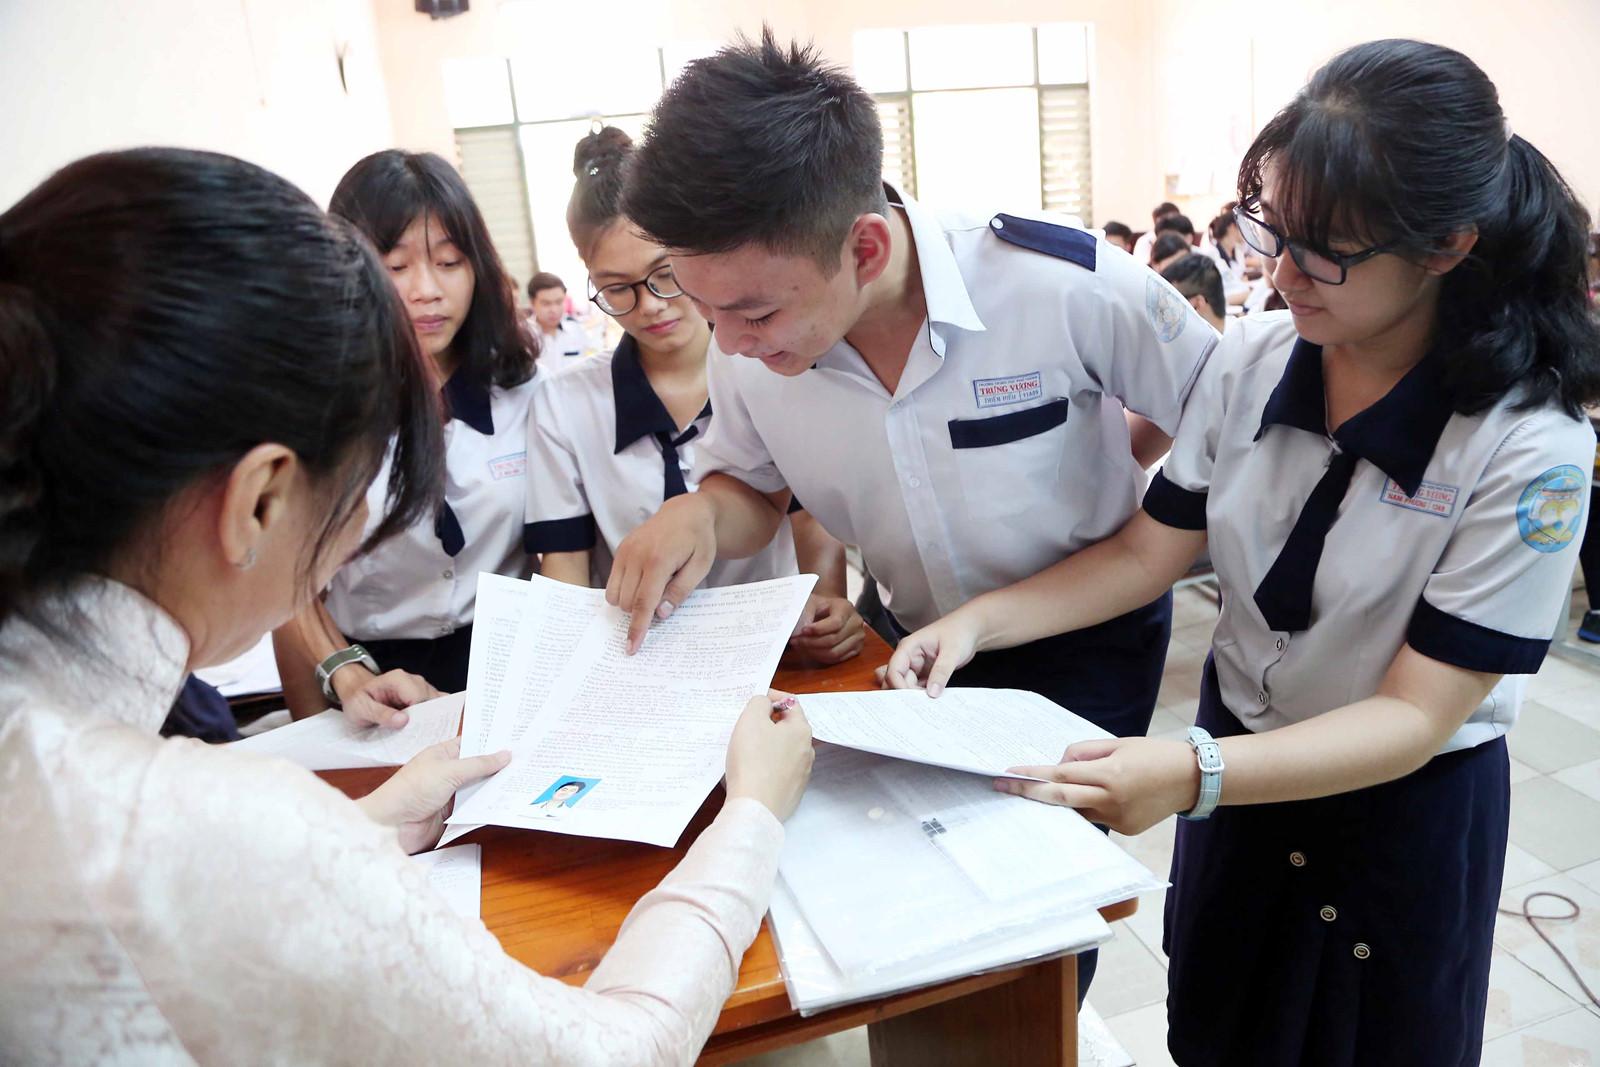 Hướng dẫn làm Hồ sơ xét tuyển Cao đẳng Điều dưỡng TP HCM năm 2018